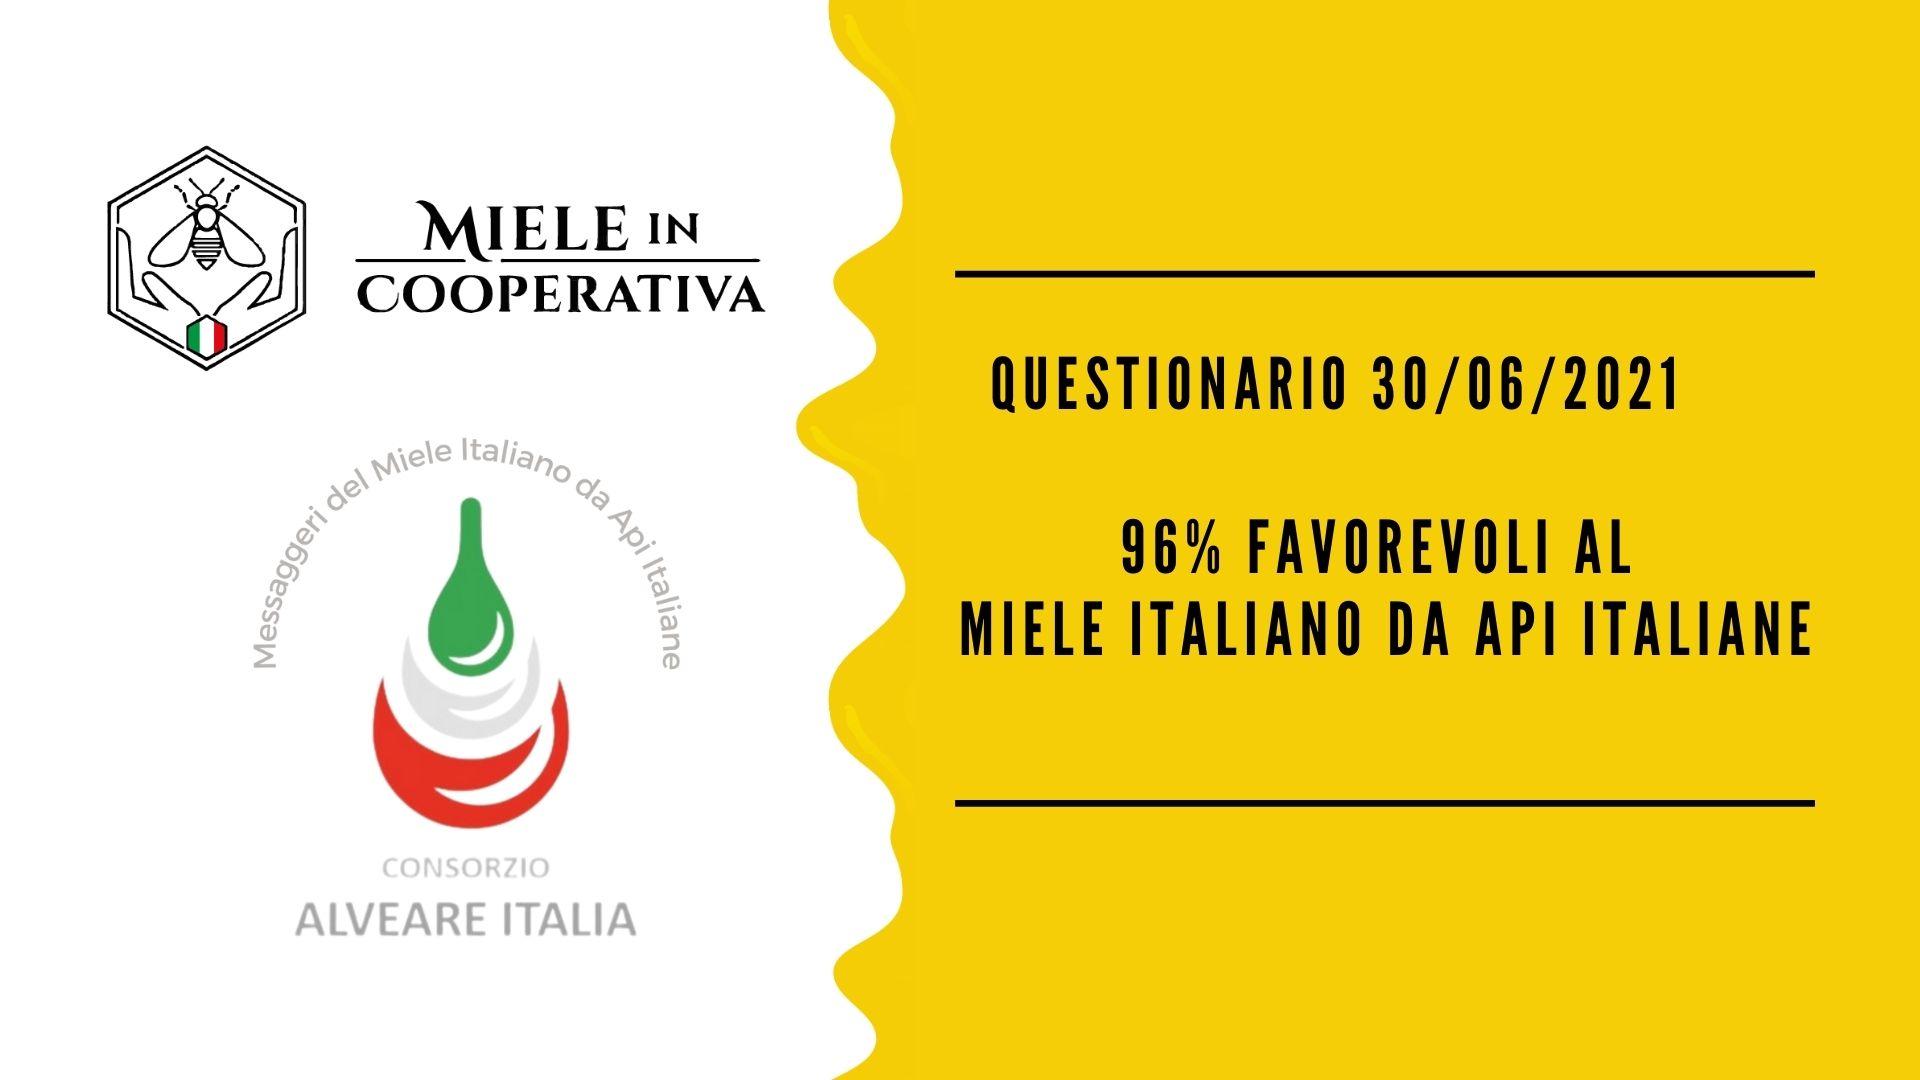 You are currently viewing Aggiornamenti sul questionario dei Messaggeri del miele italiano